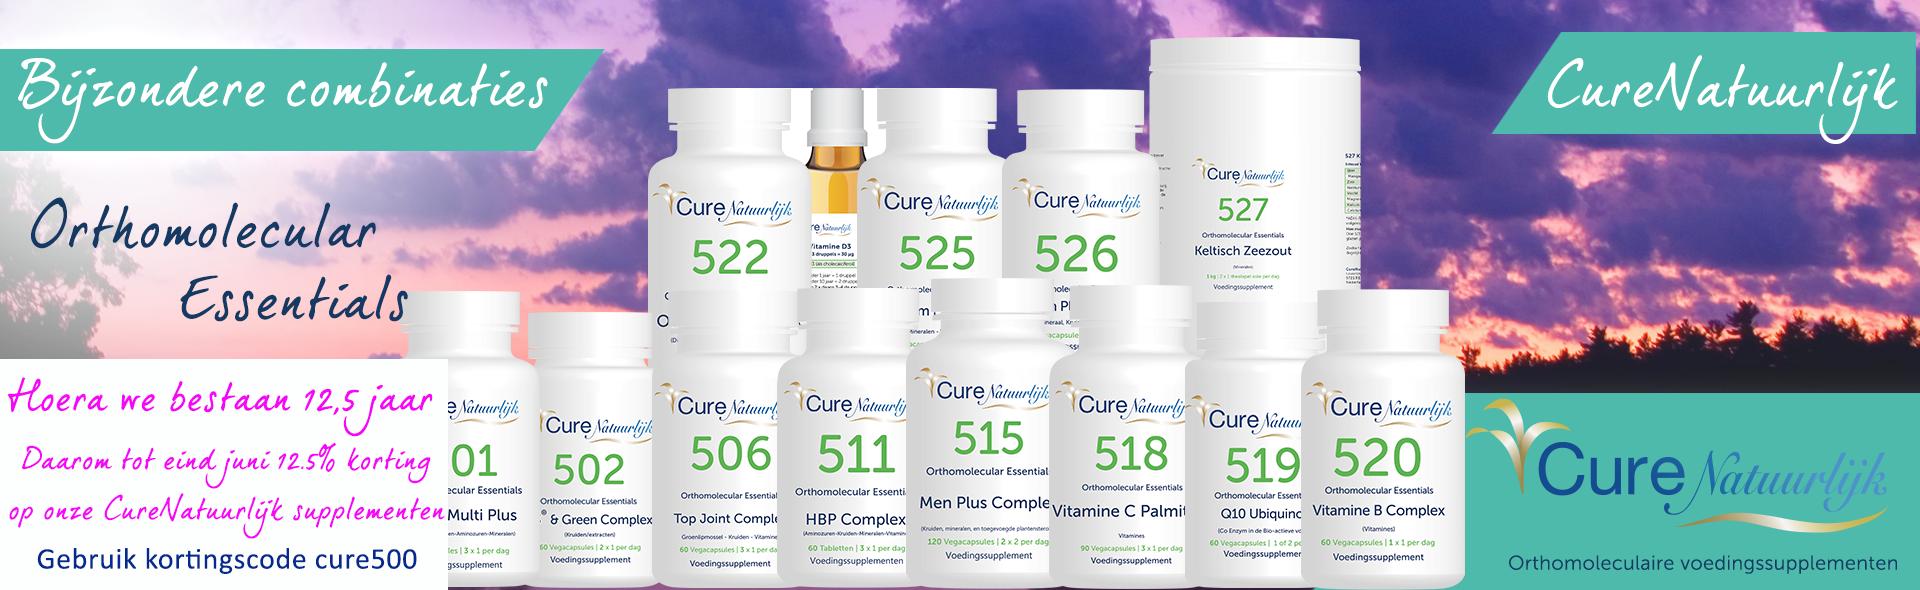 Slider CureNatuurlijk producten